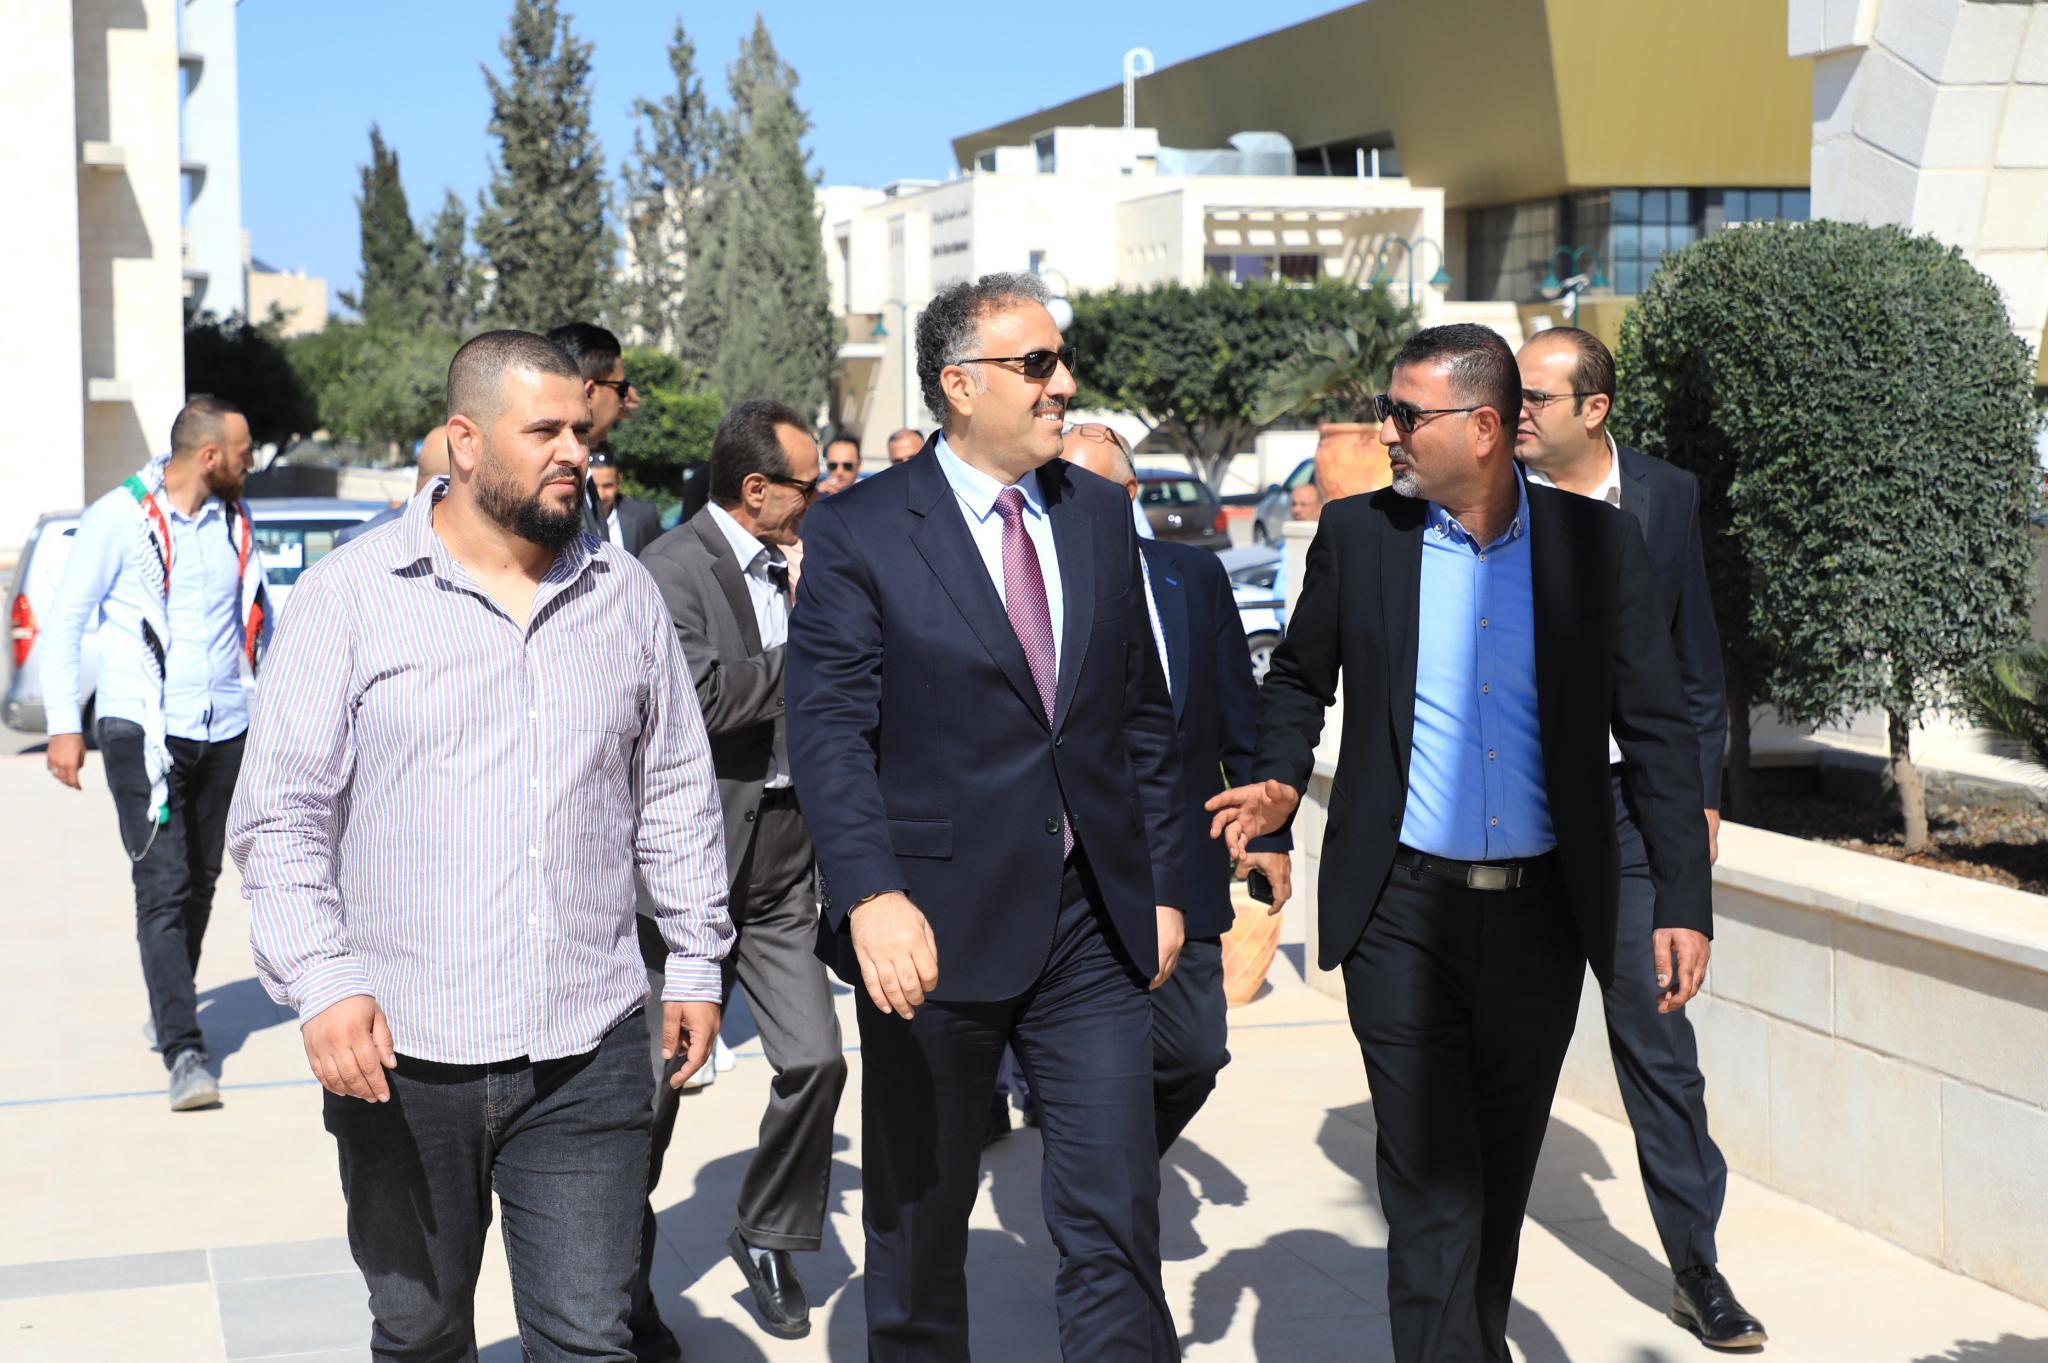 الجامعة تستقبل الوزير عساف في لقاء لتكريم صحفيي القدس وجنين